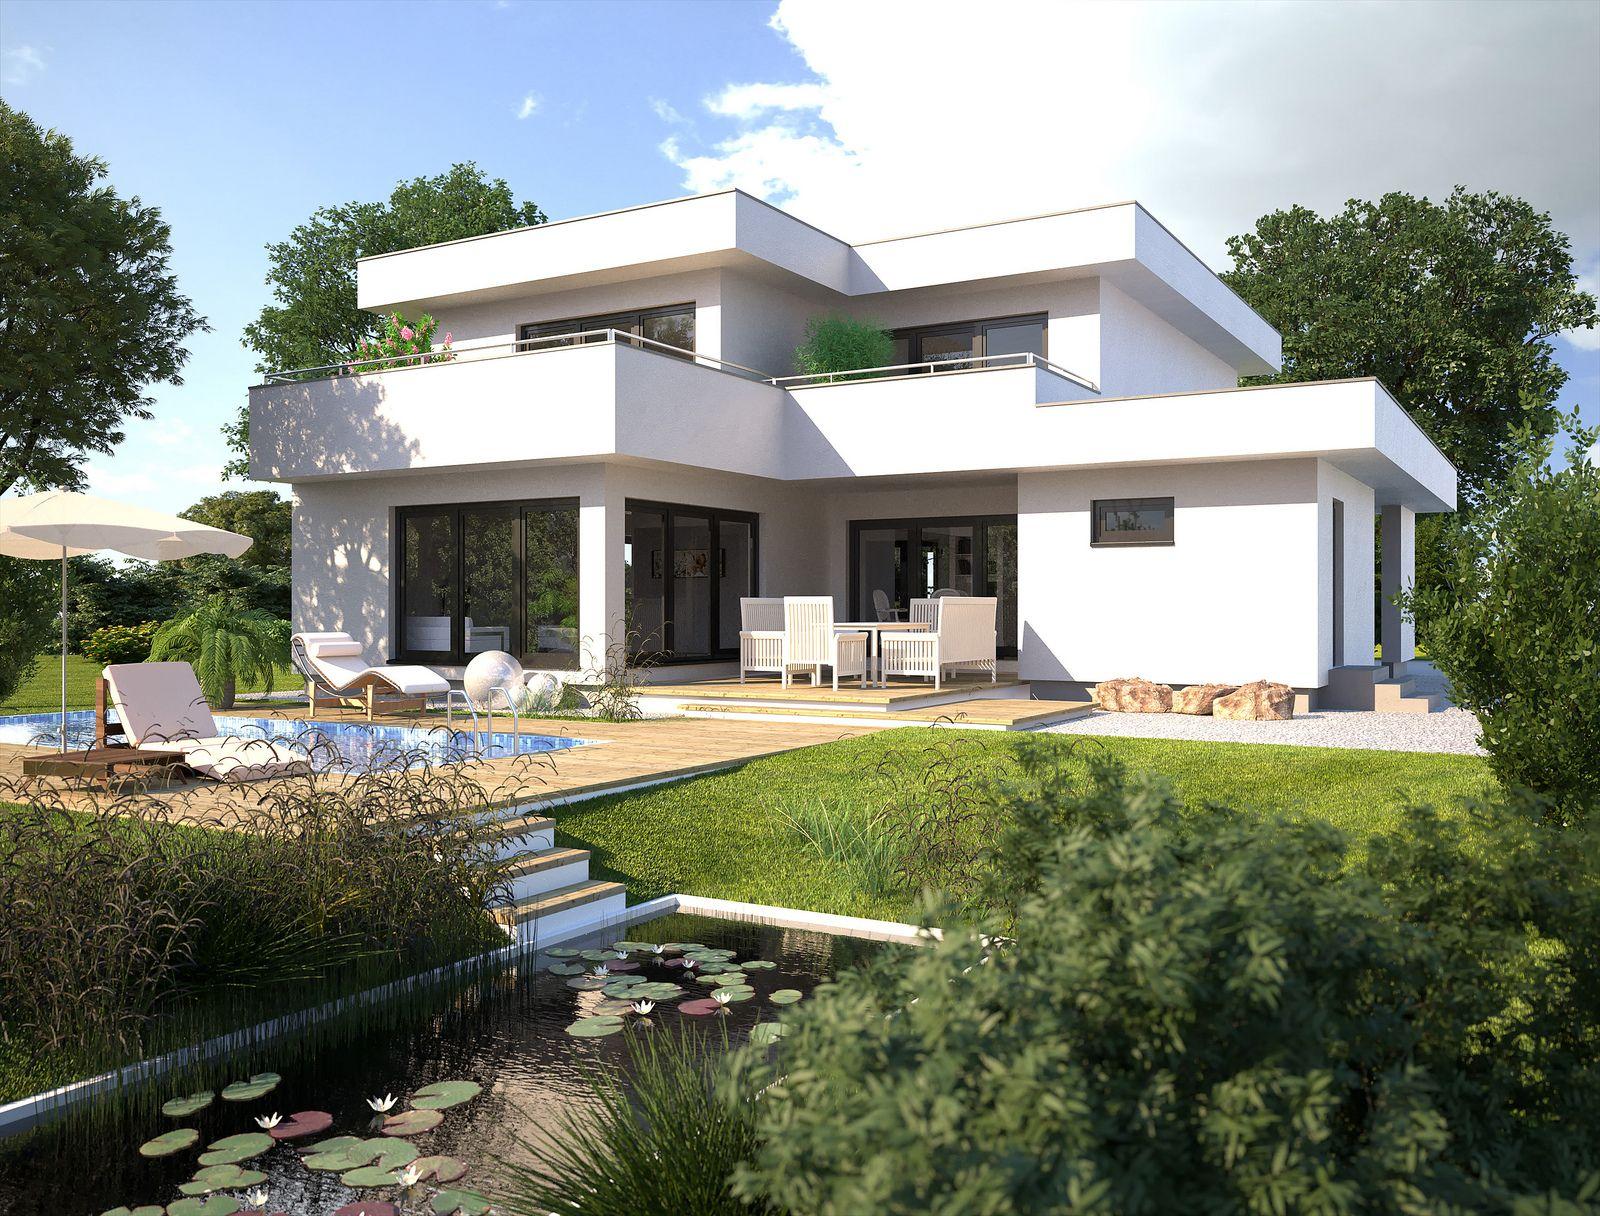 Home design bilder im inneren hanlohaus  bild   haus and bauhaus